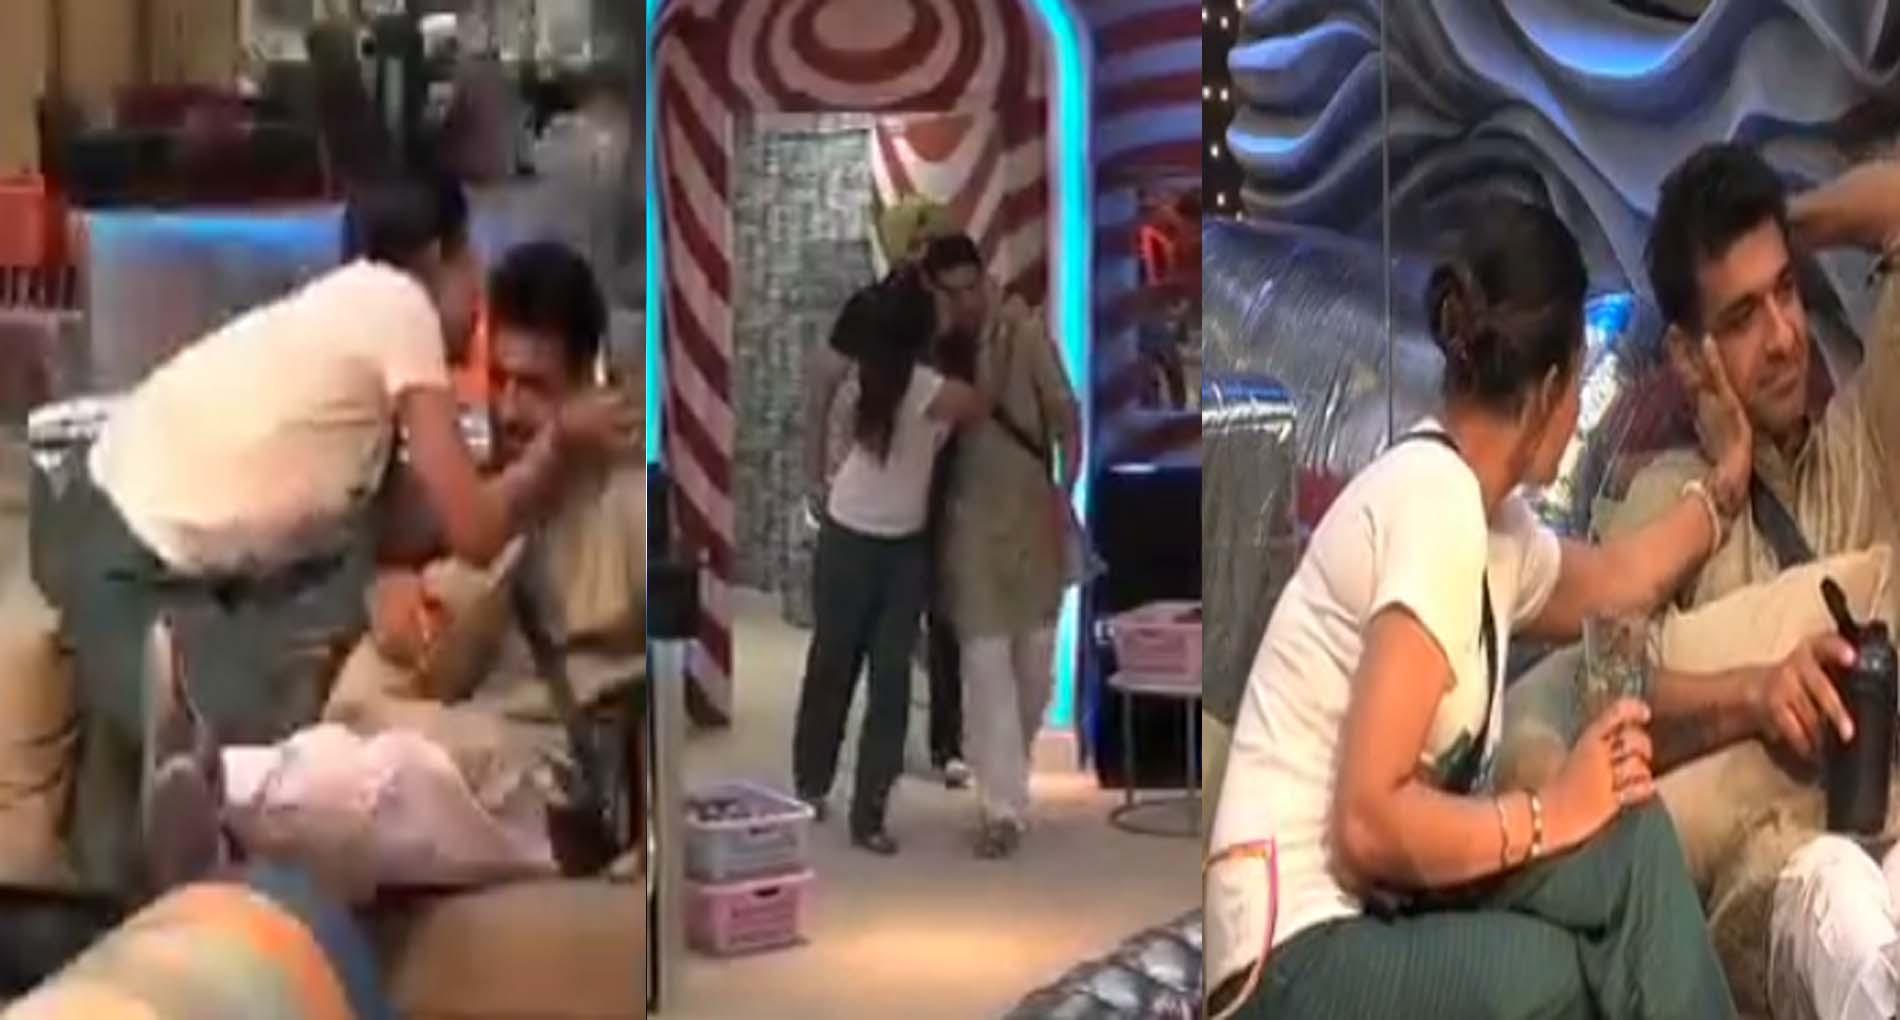 Bigg Boss 14: घर के अंदर शुरू हुआ रोमांस, पवित्रा पुनिया और एजाज खान के बीच पकने लगी खिचड़ी!